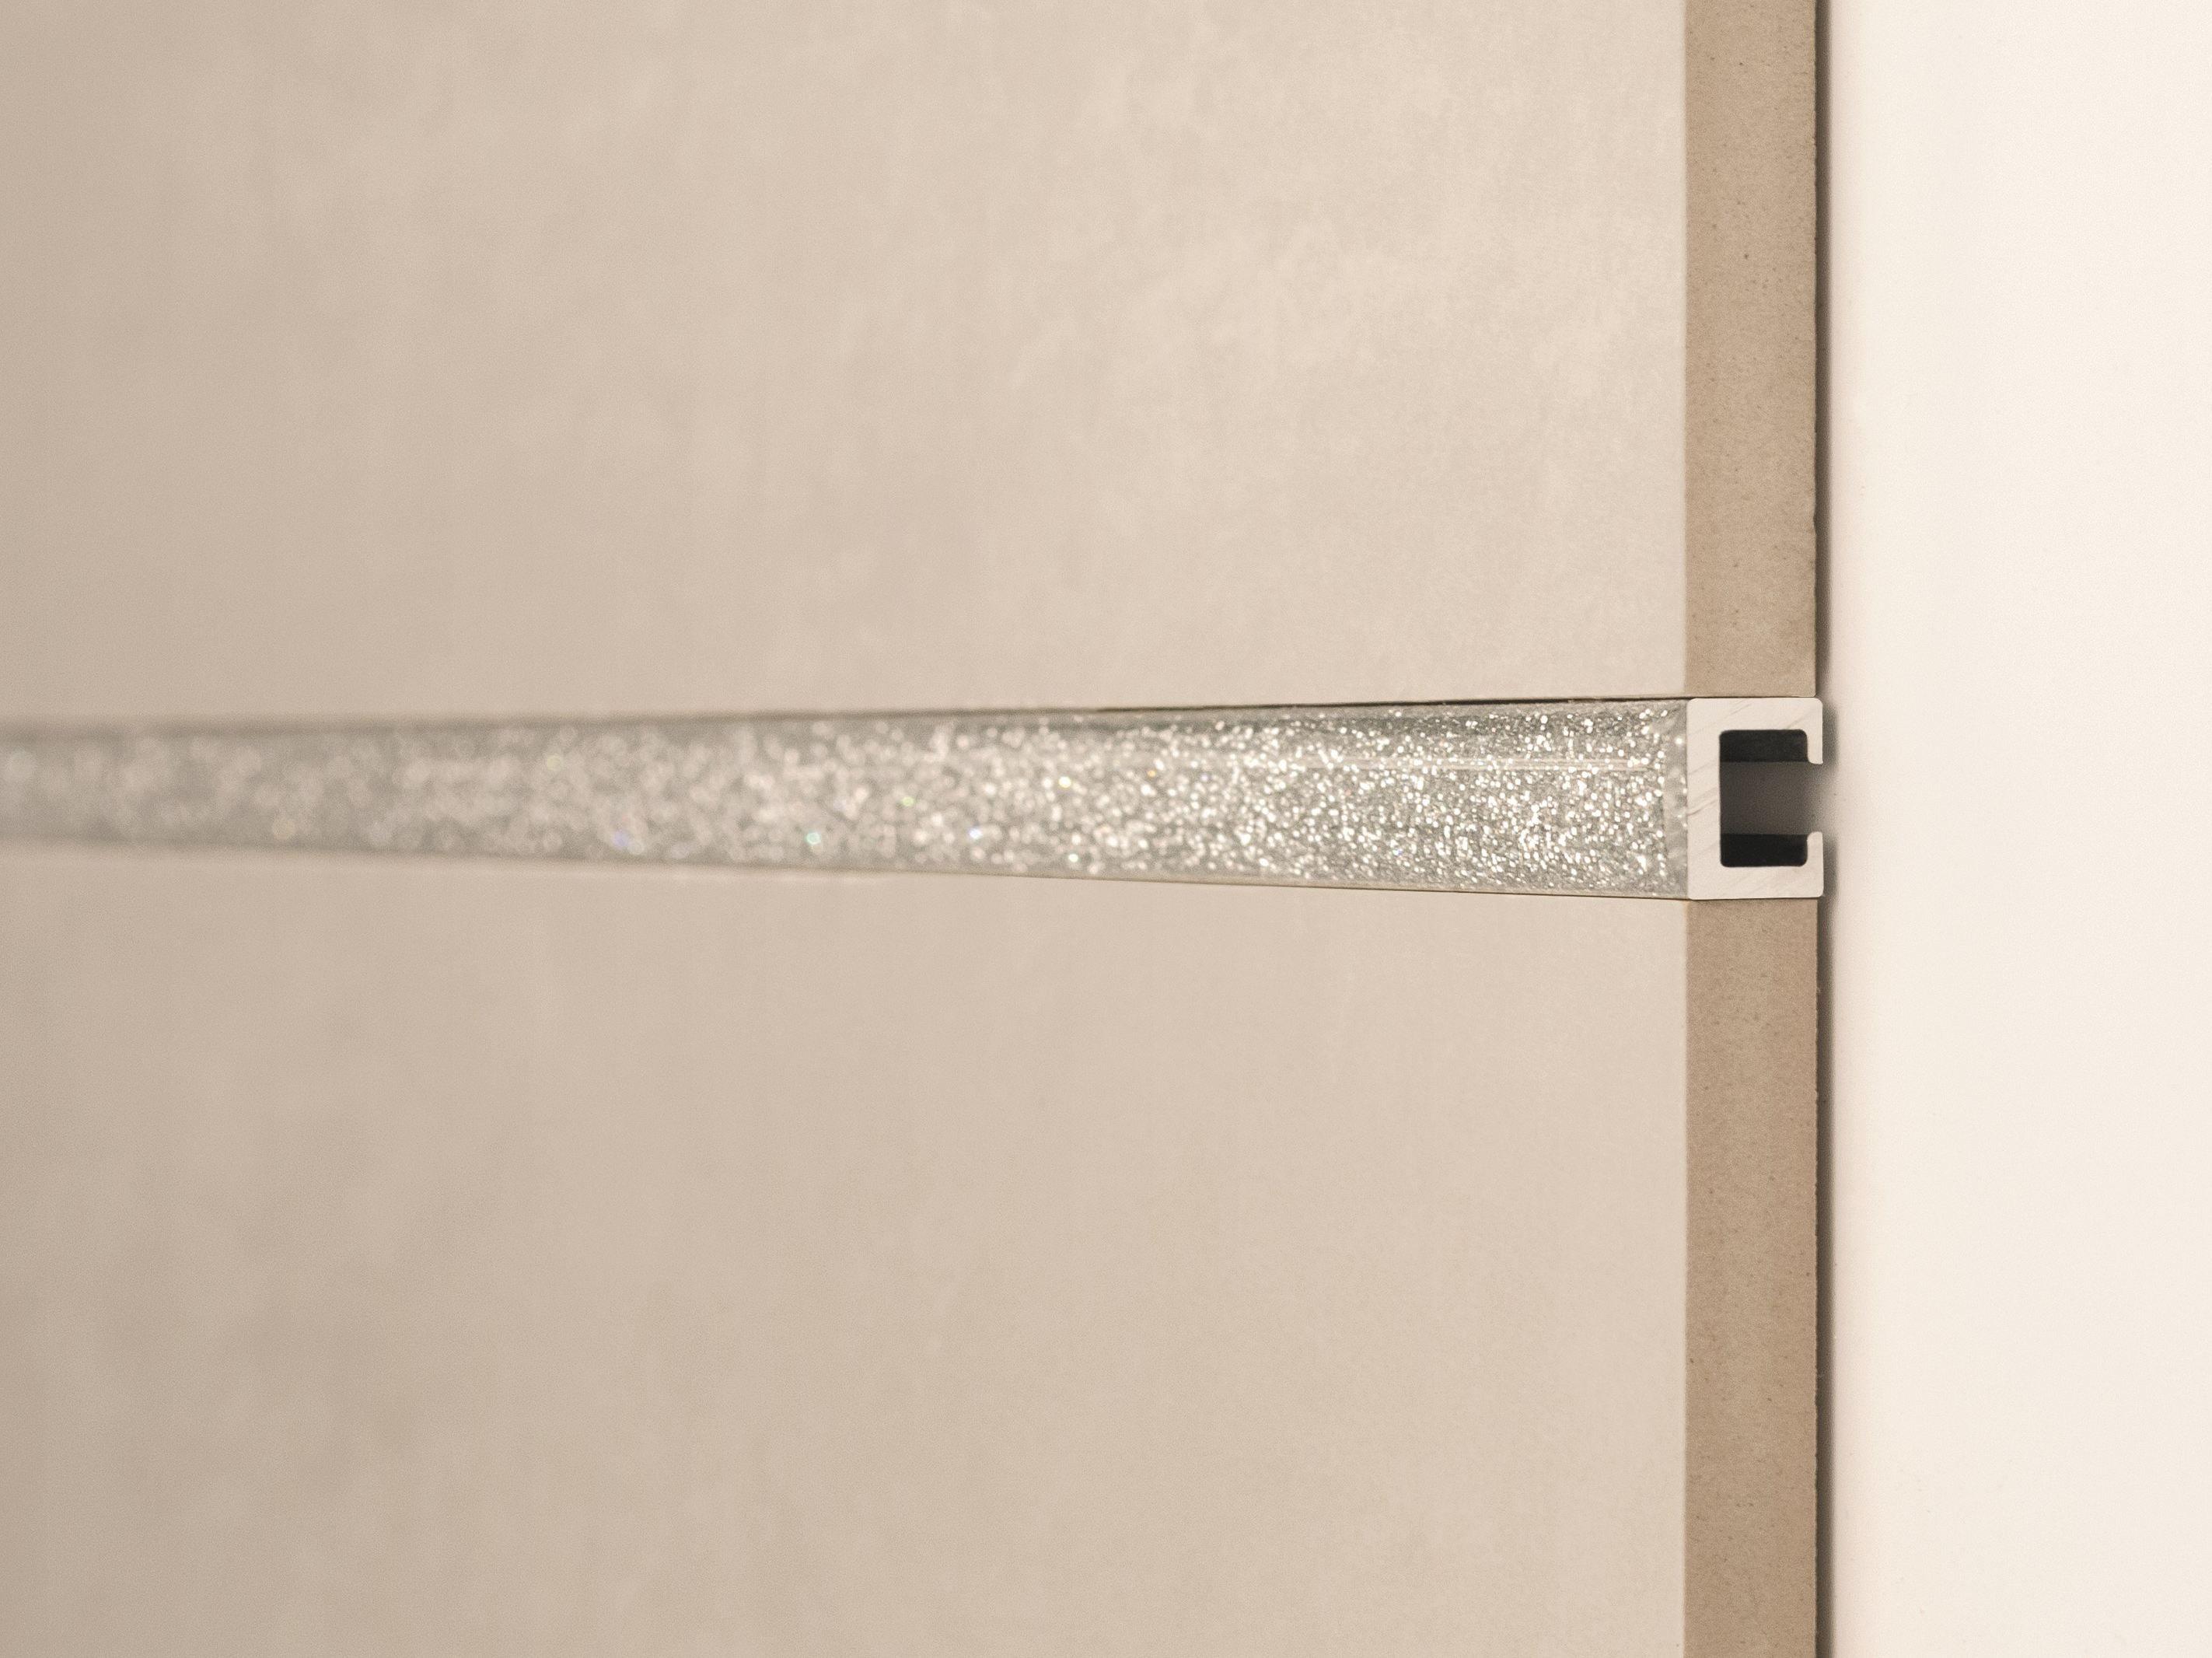 Bordo decorativo per rivestimenti listec li 10 glitter by - Piastrelle con brillantini ...